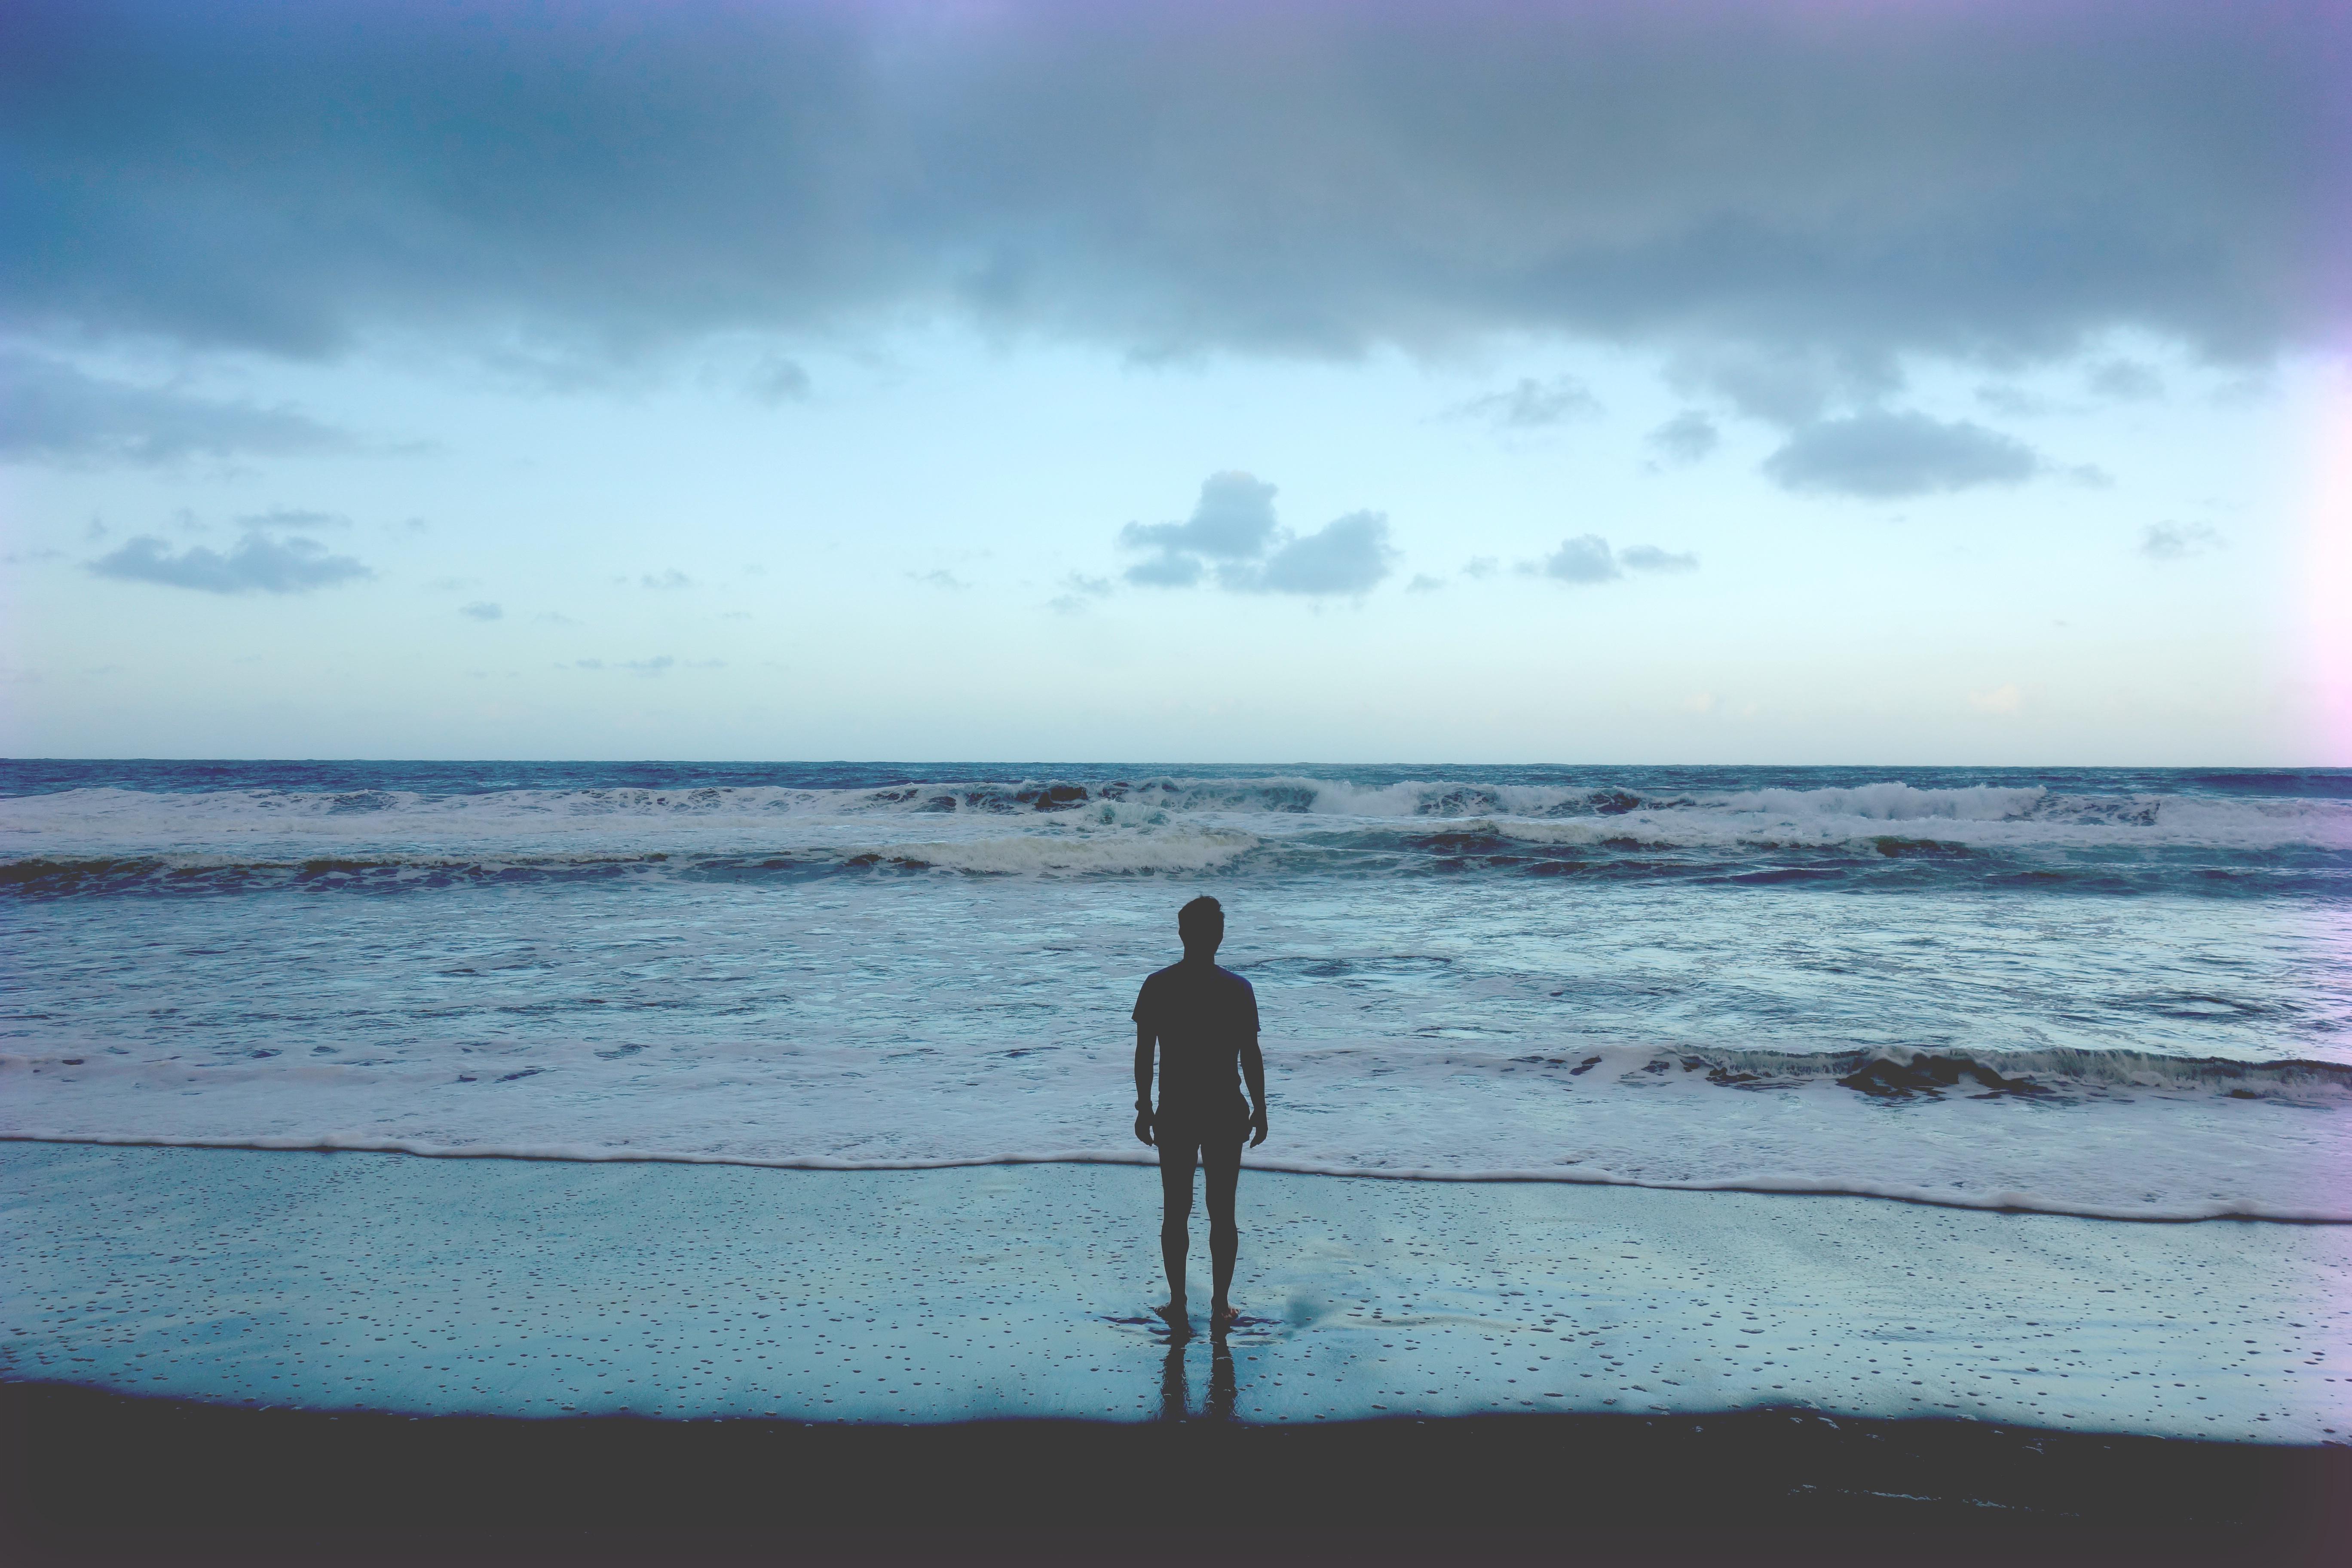 Man At The Beach, Activity, Beach, Human, Man, HQ Photo